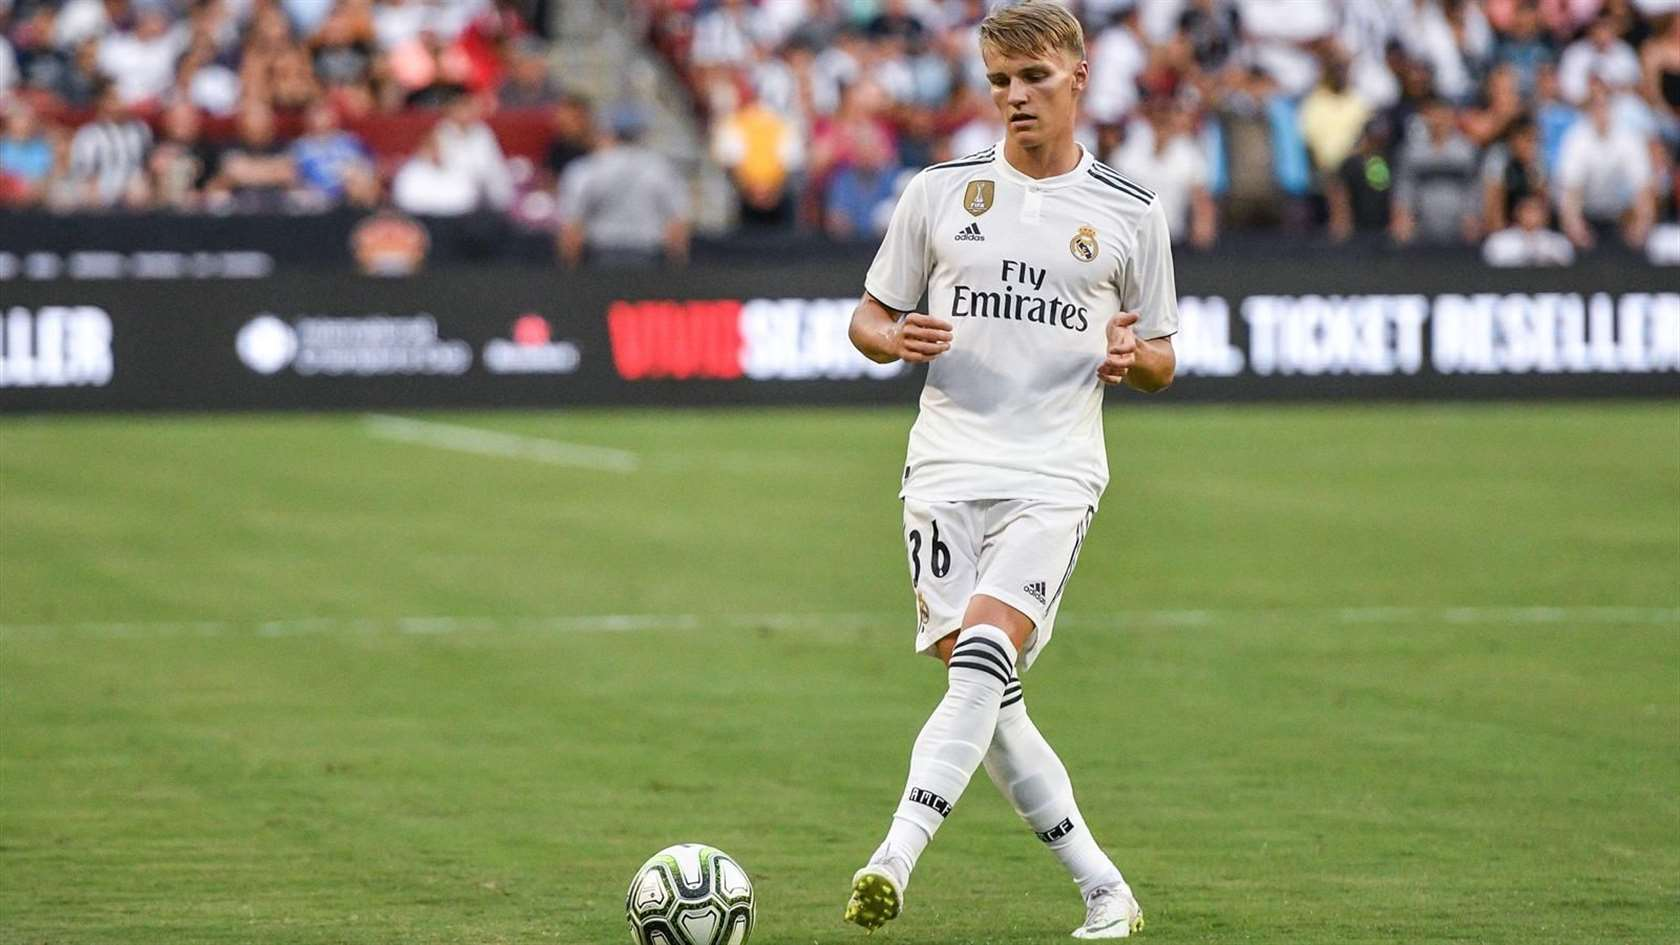 El Milan quiere a cuatro futbolistas del Real Madrid